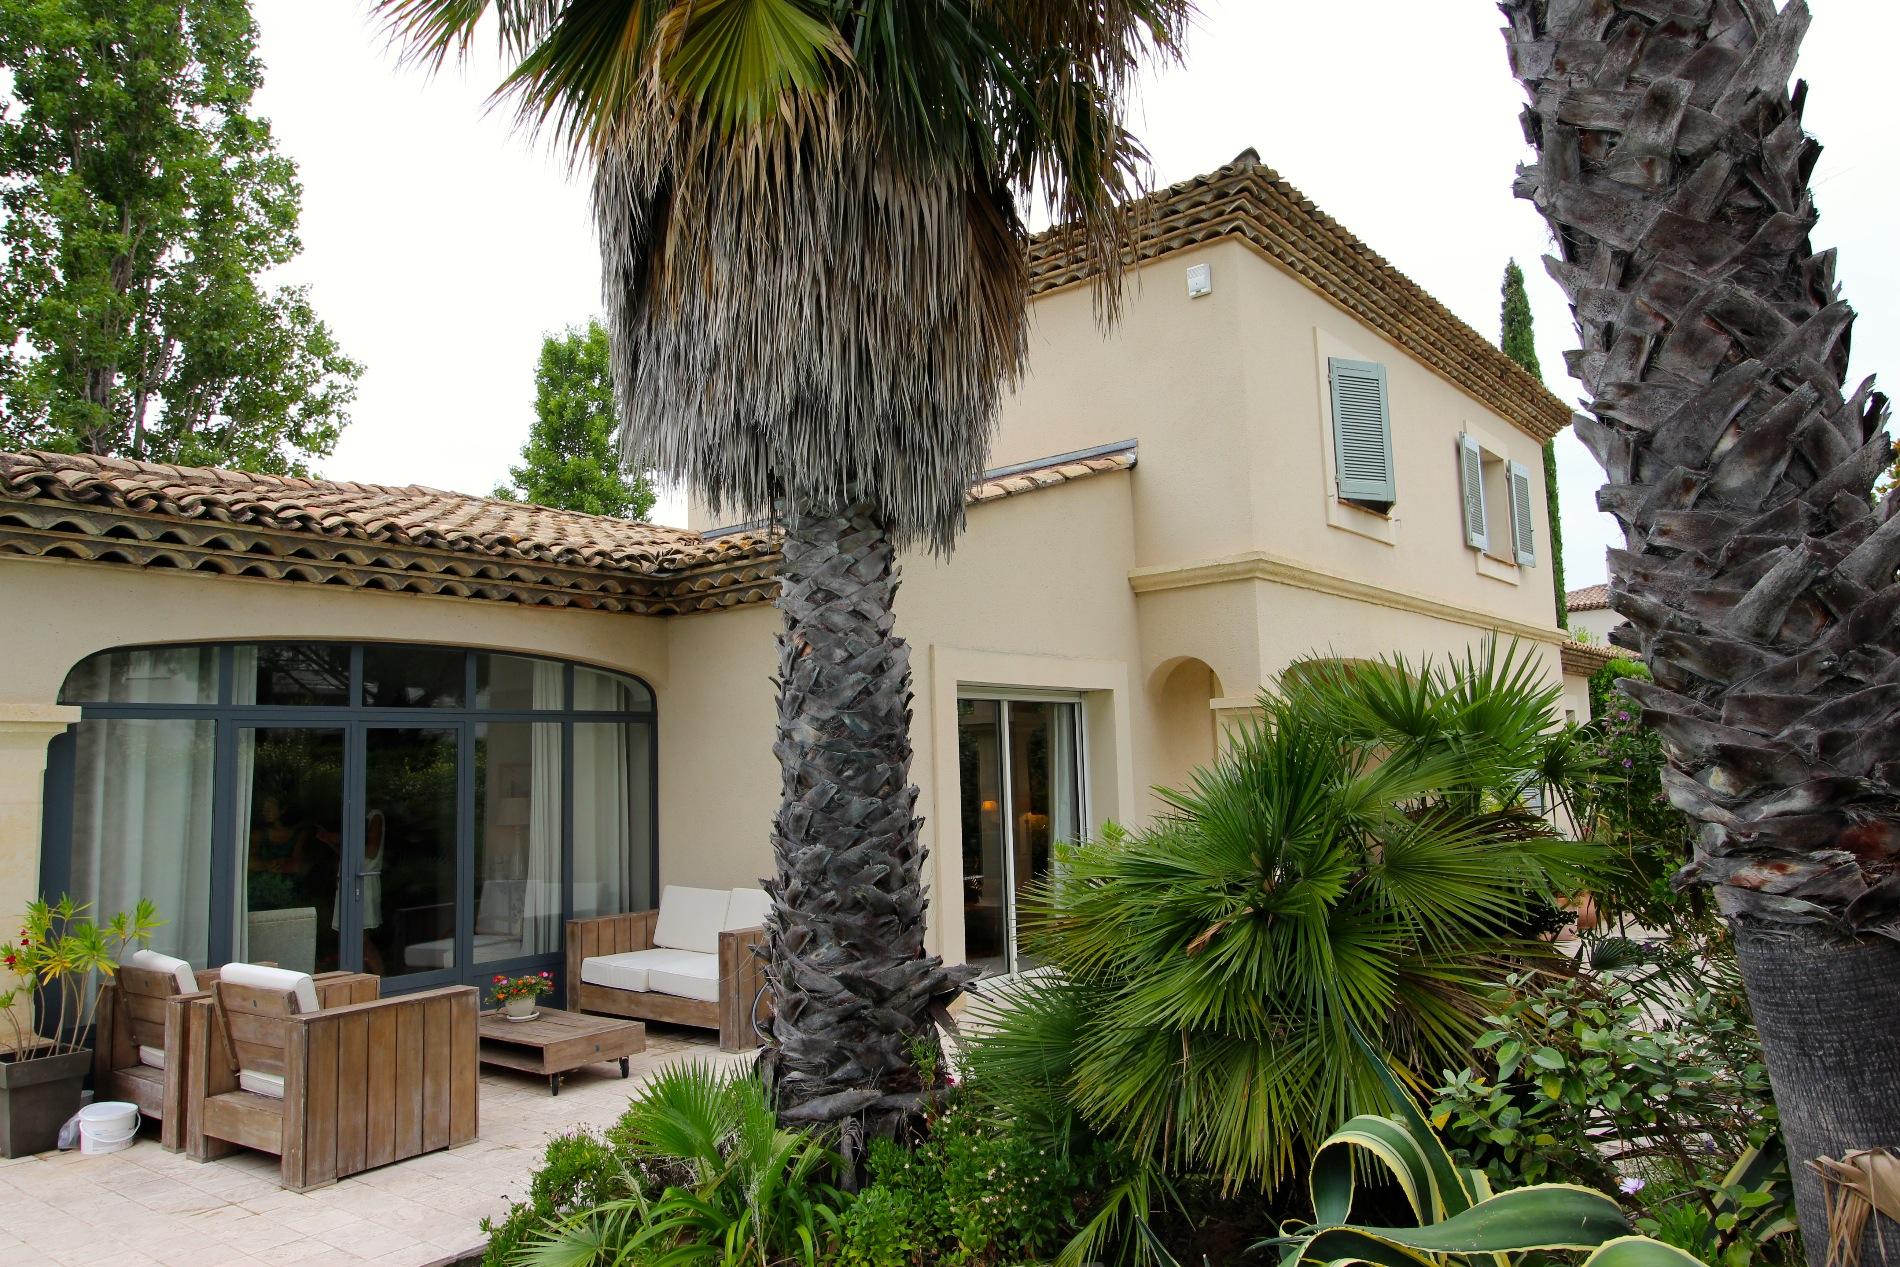 Vente montpellier nord villa de charme d 39 environ 172 m2 sur une parcelle - Trouver le proprietaire d une parcelle ...